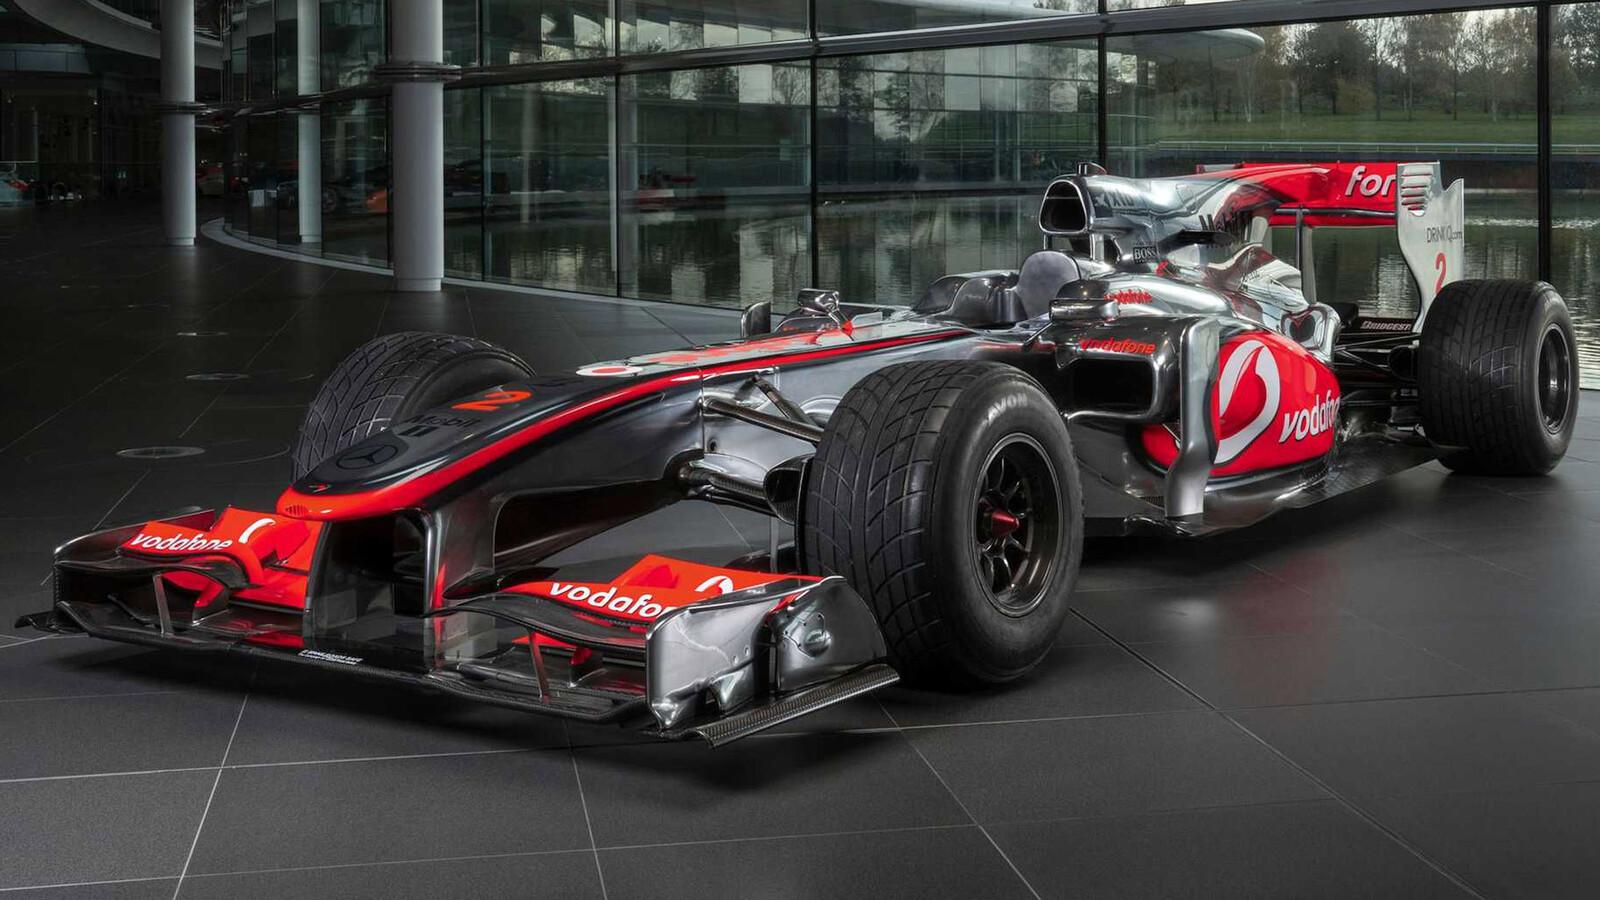 Conoce los monoplazas de F1 más caros jamás subastados